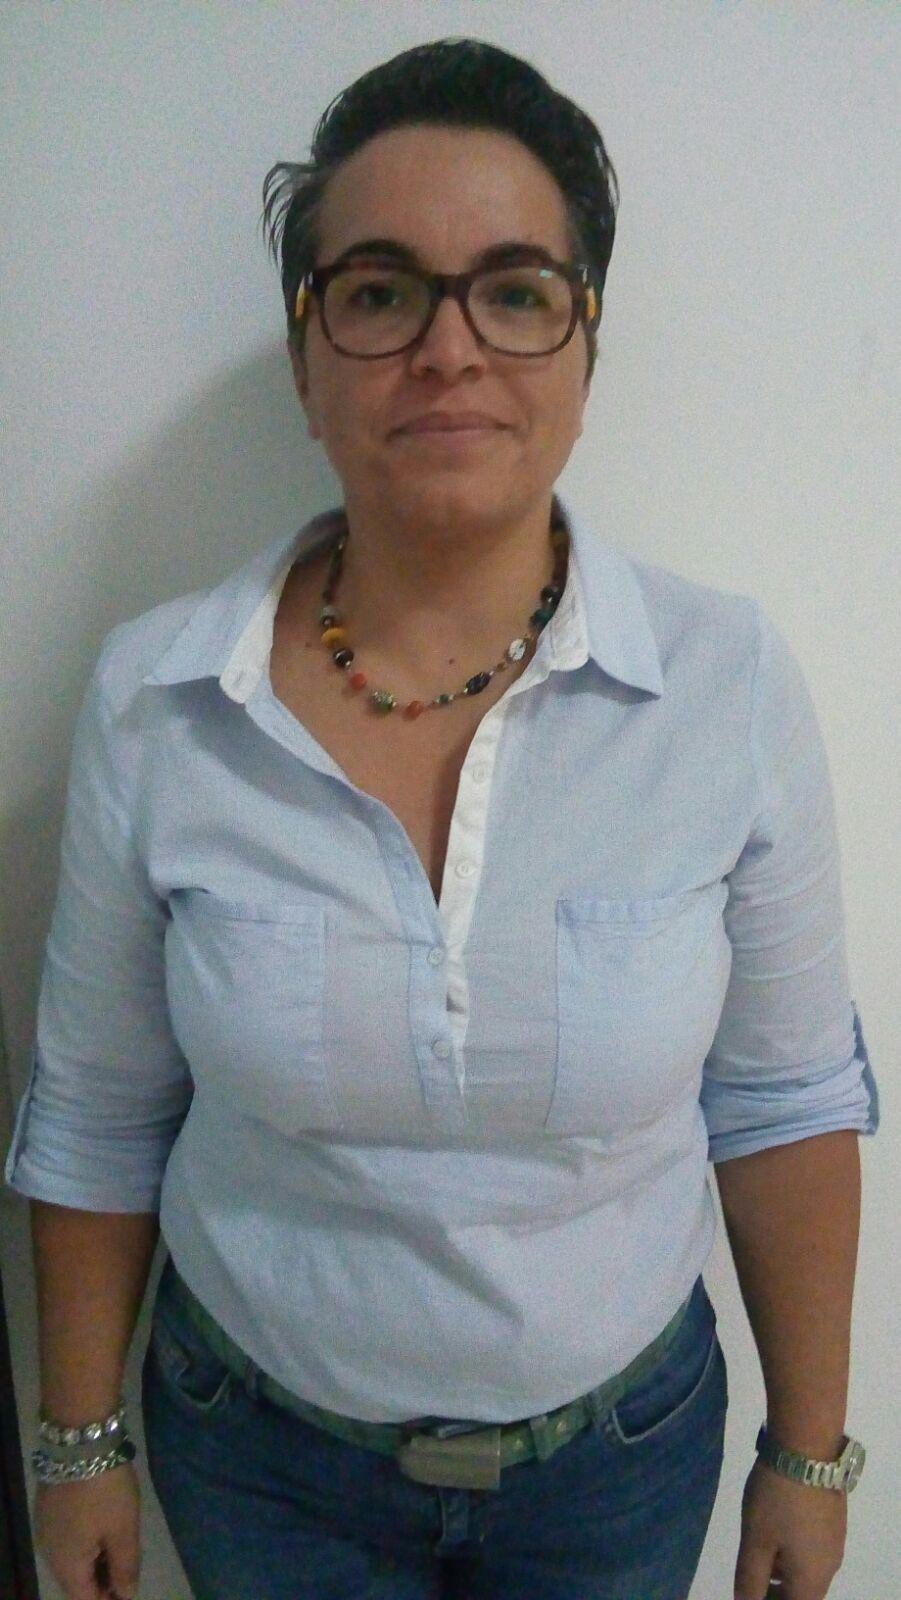 Spacca Valeria